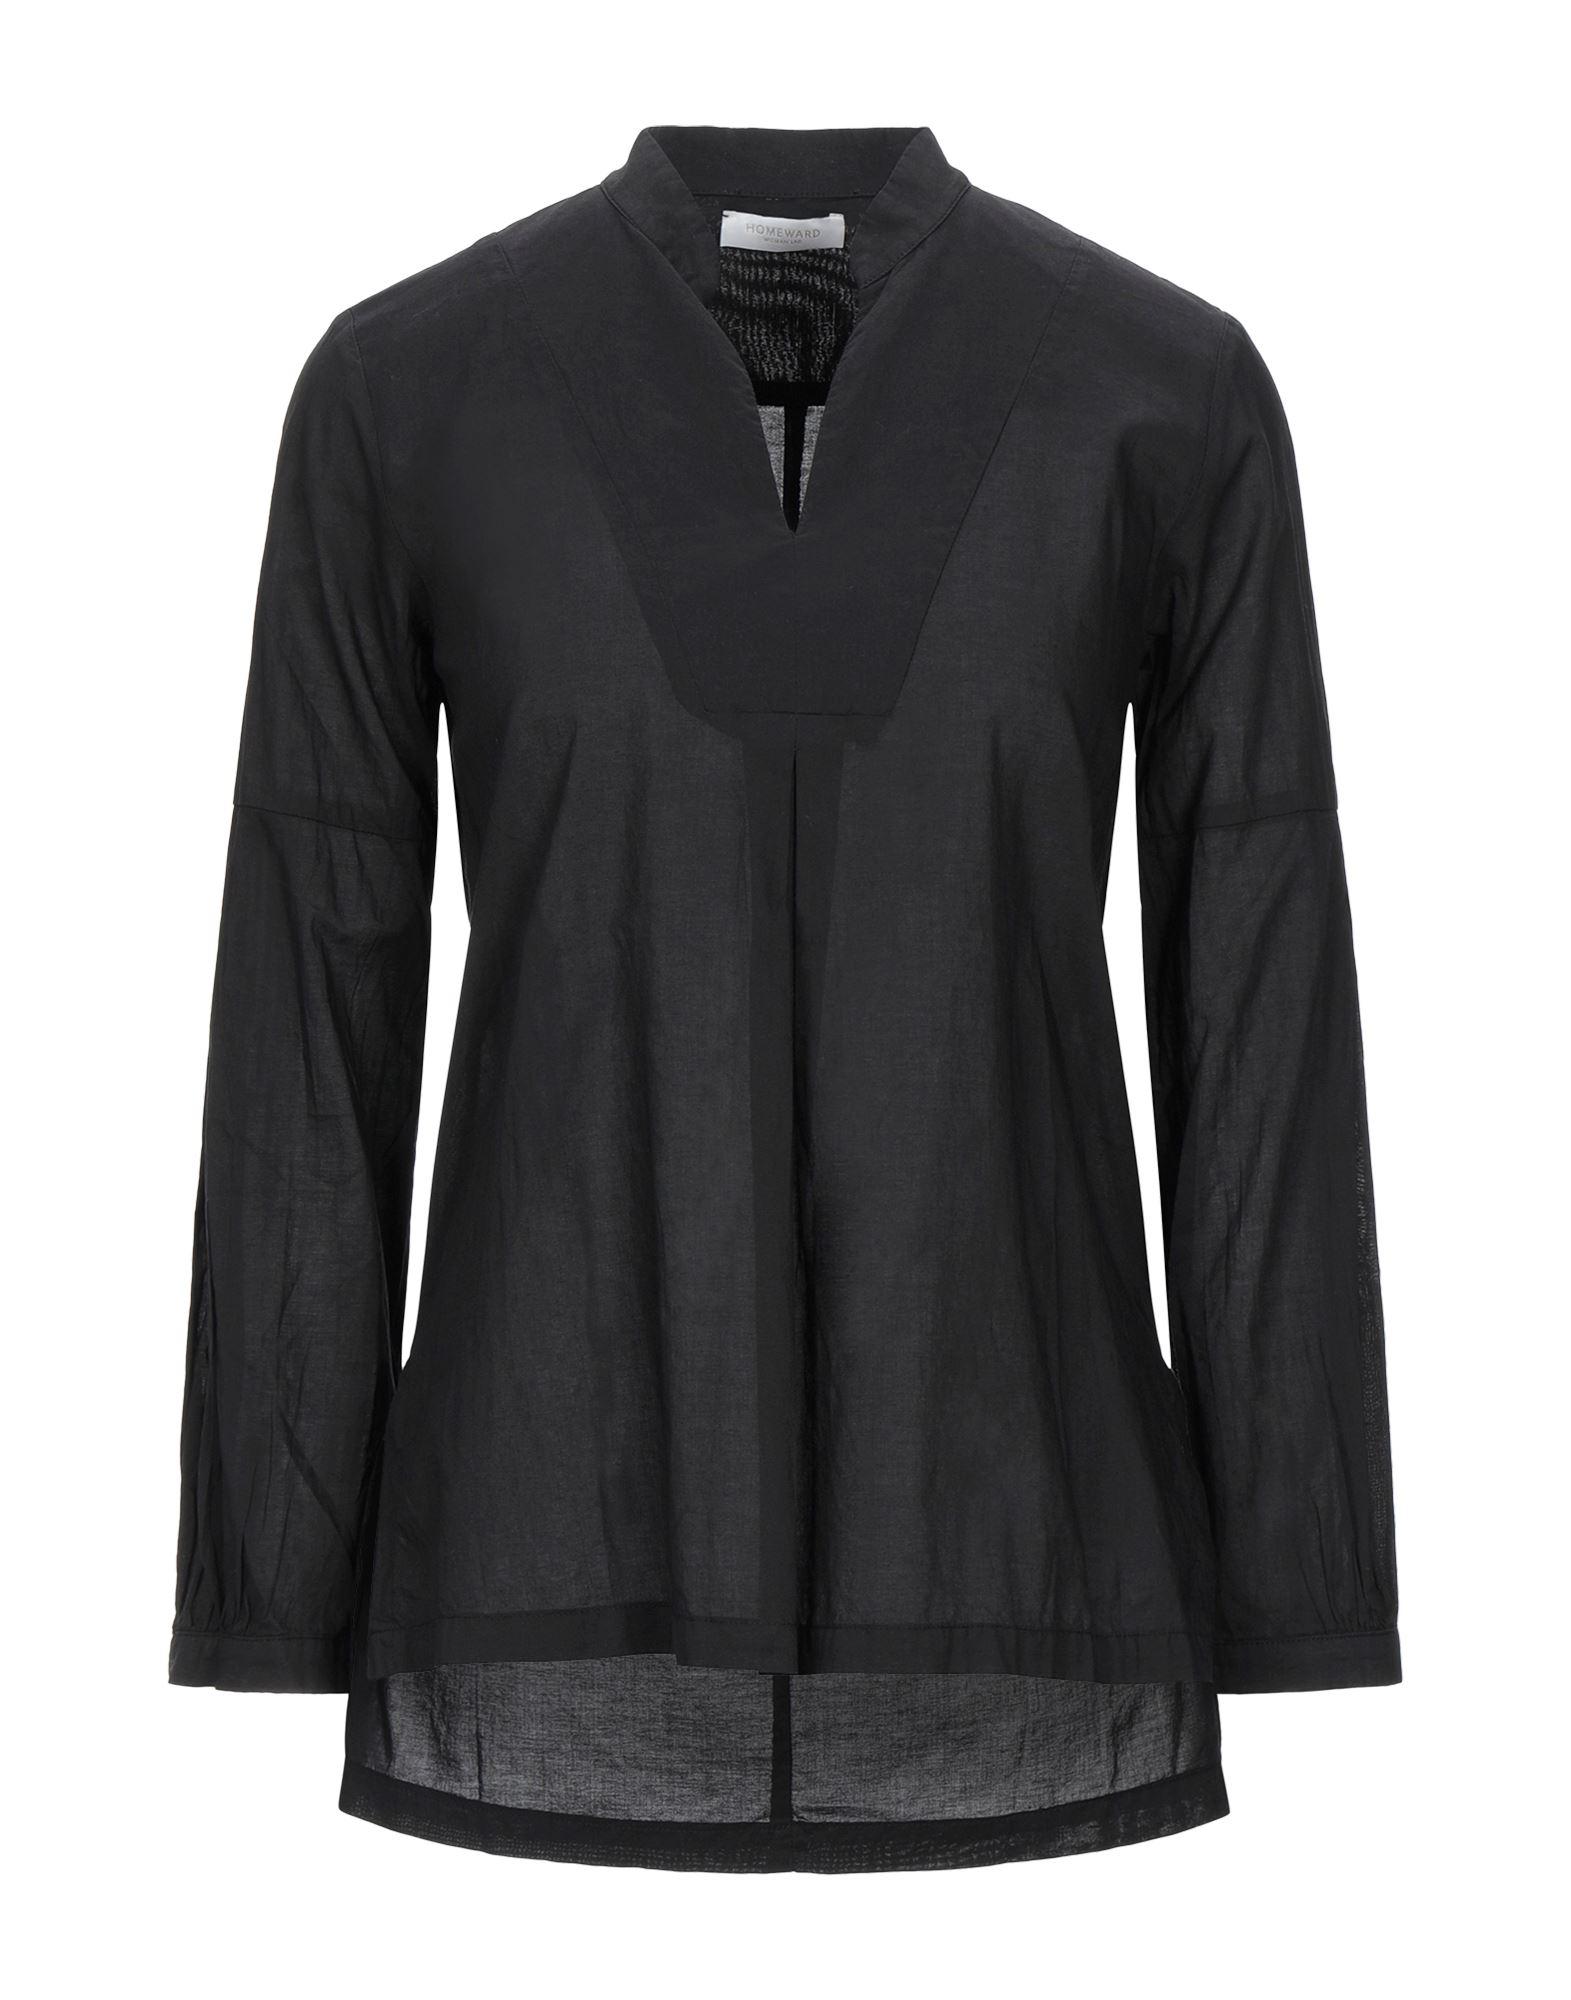 Фото - HOMEWARD CLOTHES Блузка homeward clothes бермуды